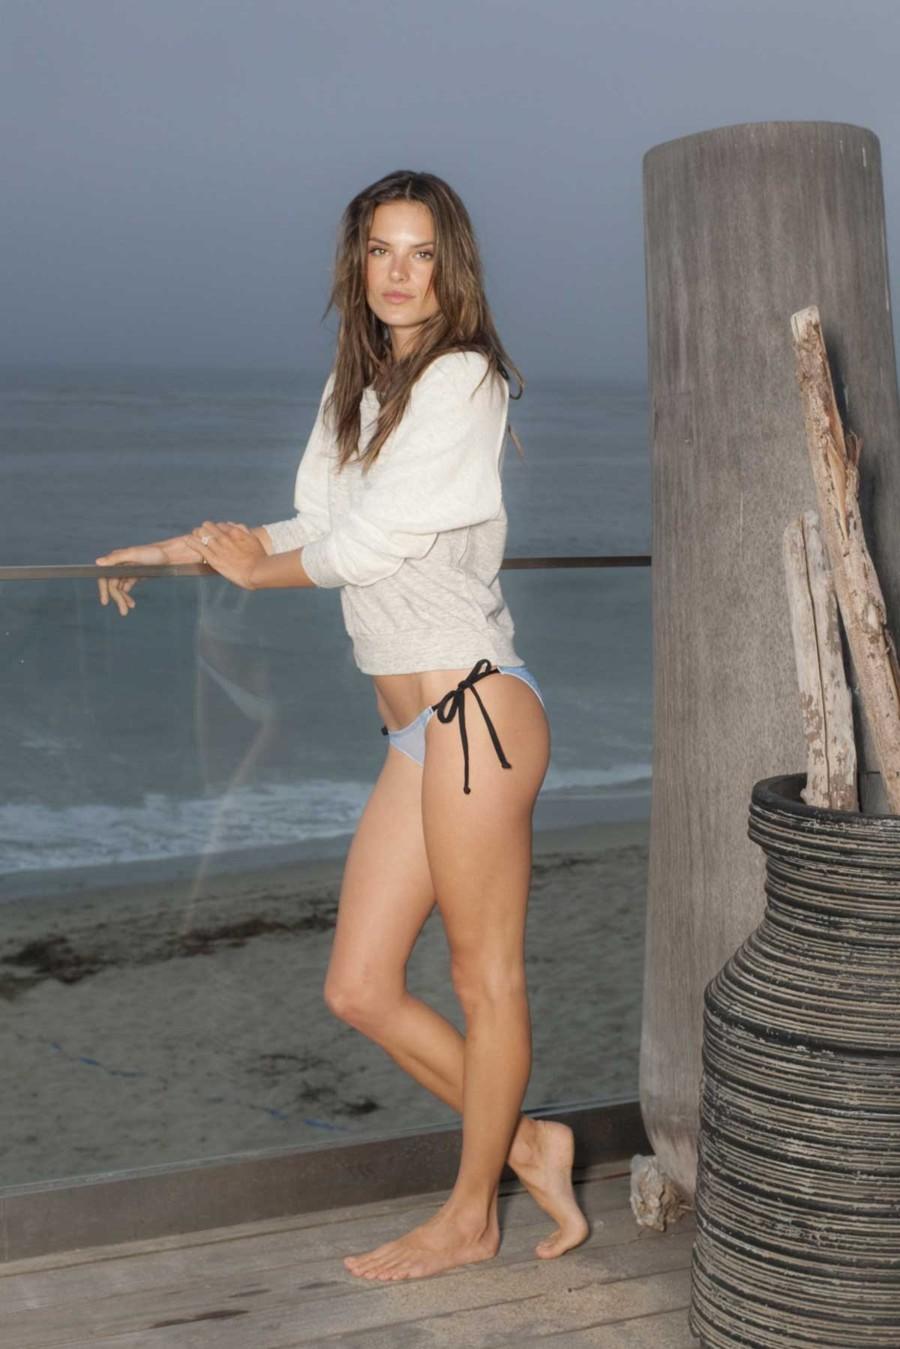 Photabota Alessandra Ambrosio Bikini Bottoms Leg Show